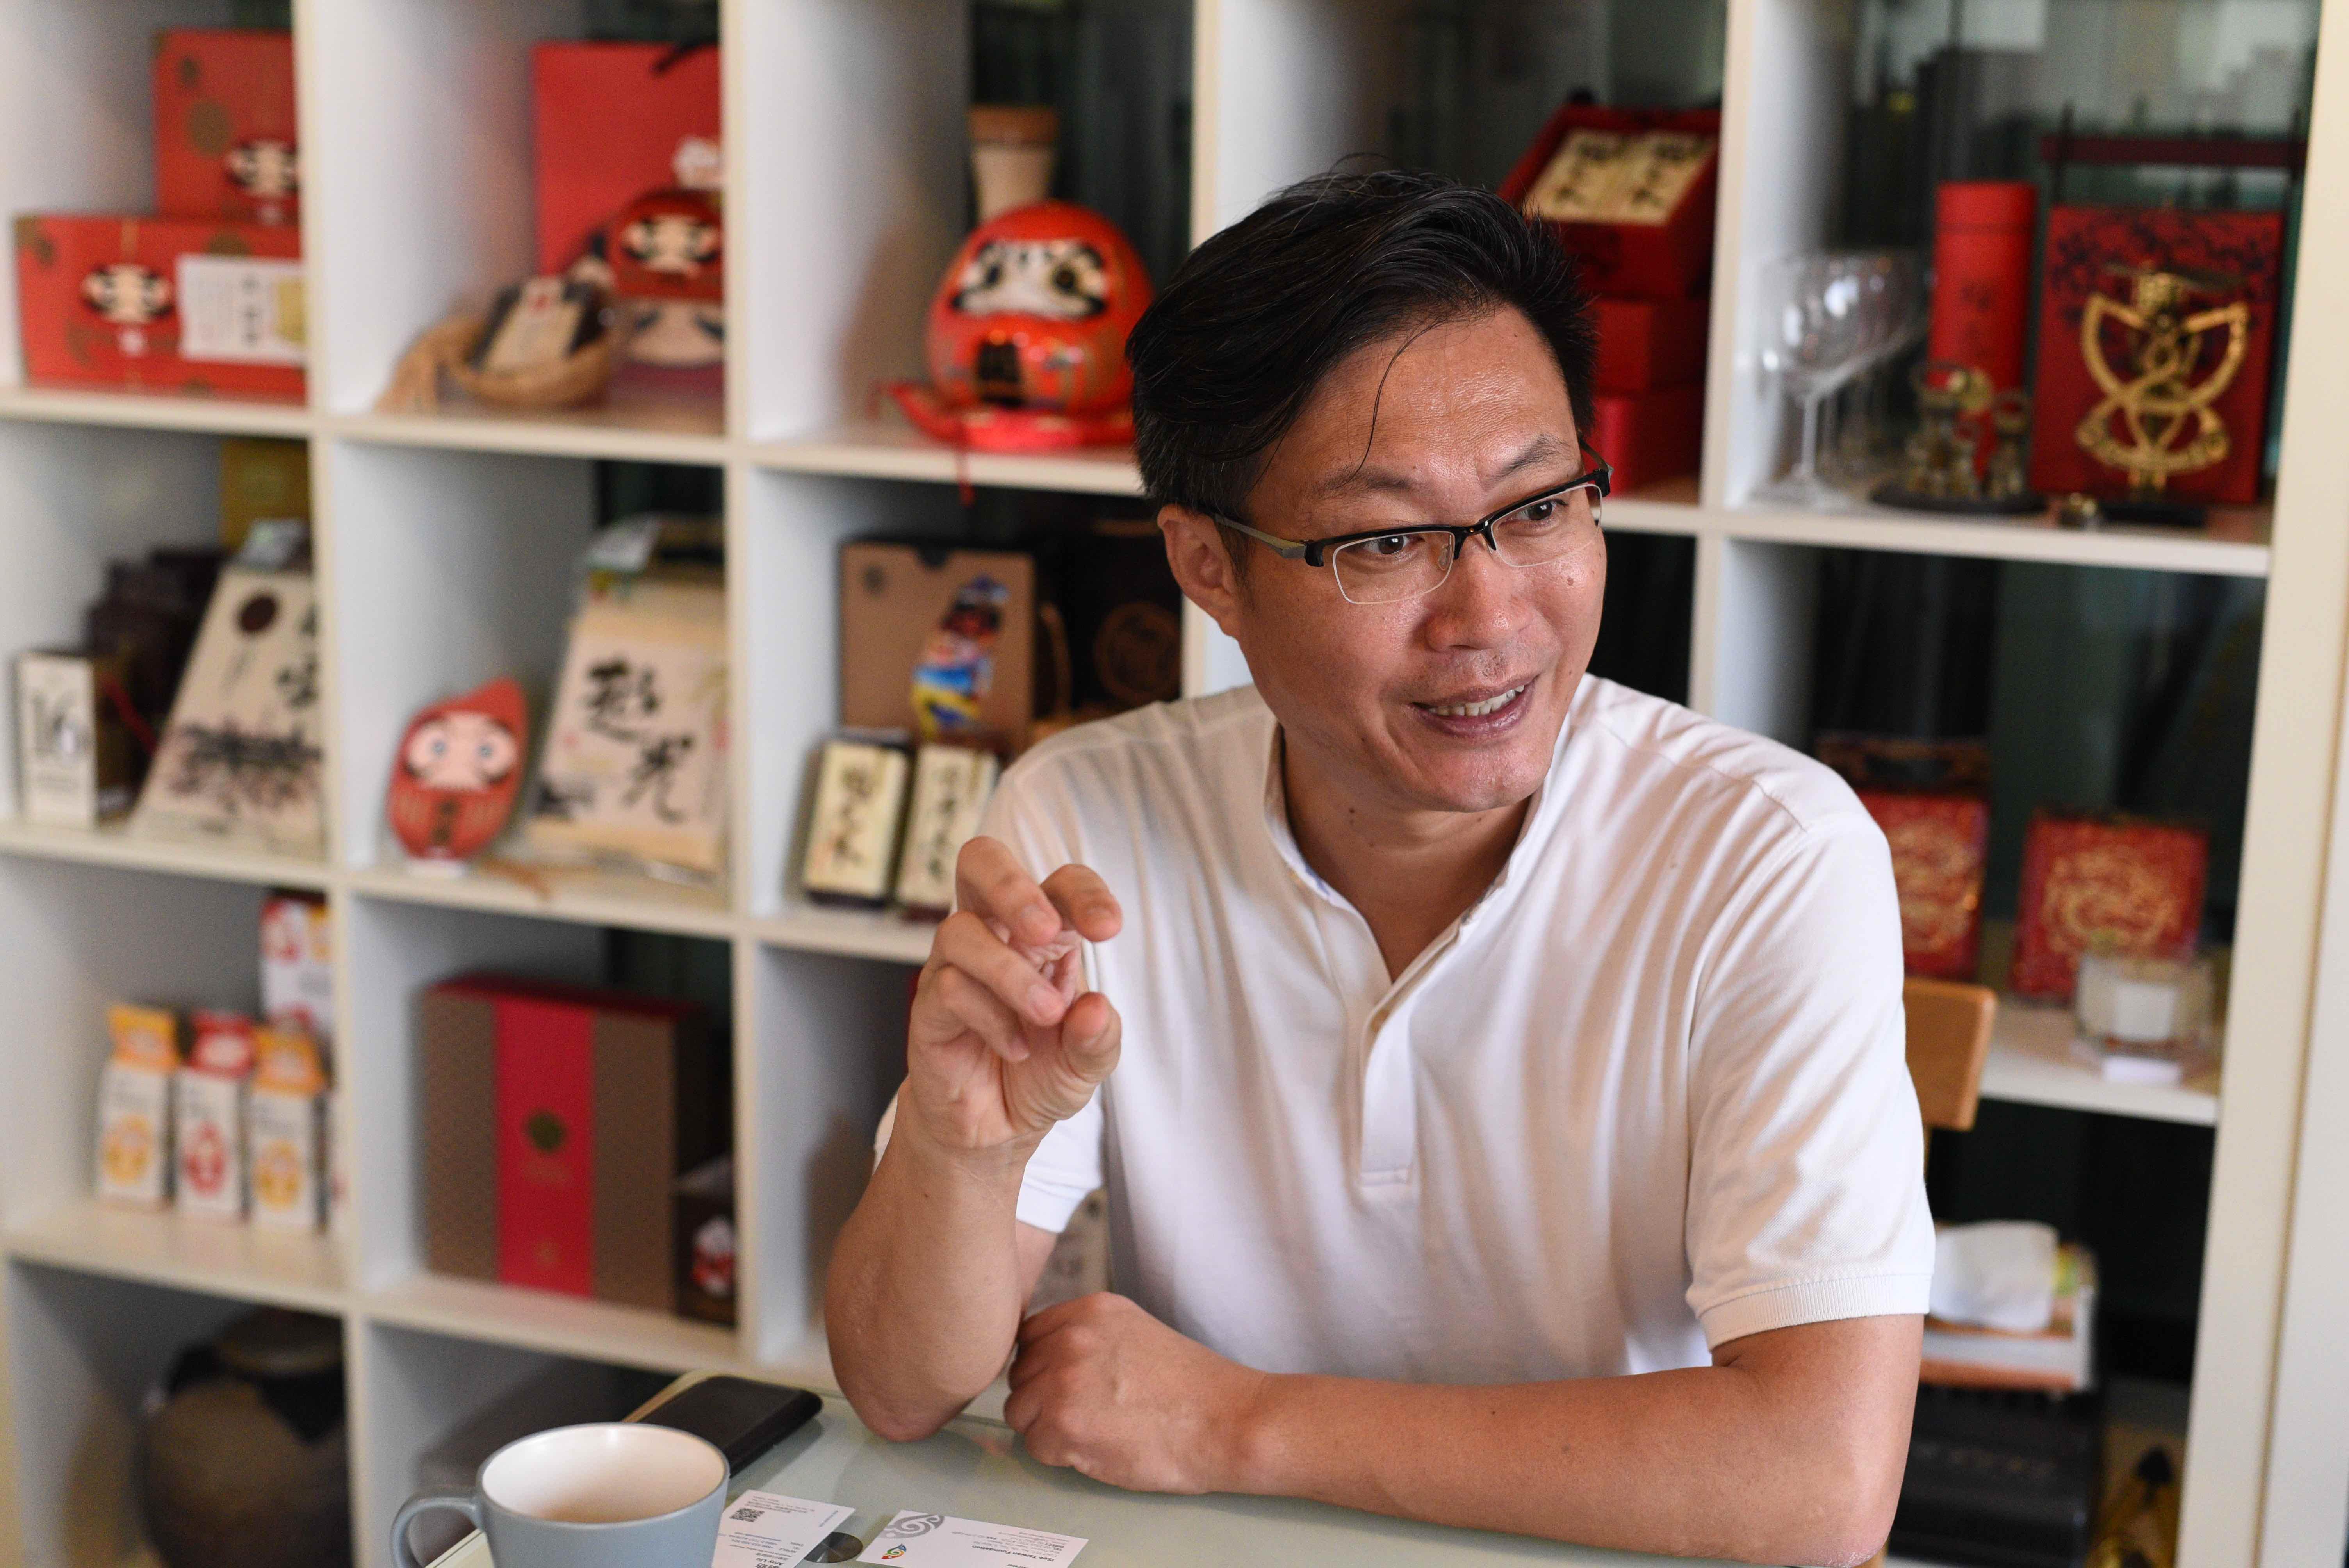 【生活誌專訪】壽米屋總經理 – 陳肇浩:「米就像台灣人一樣,平凡而耐人尋味。」